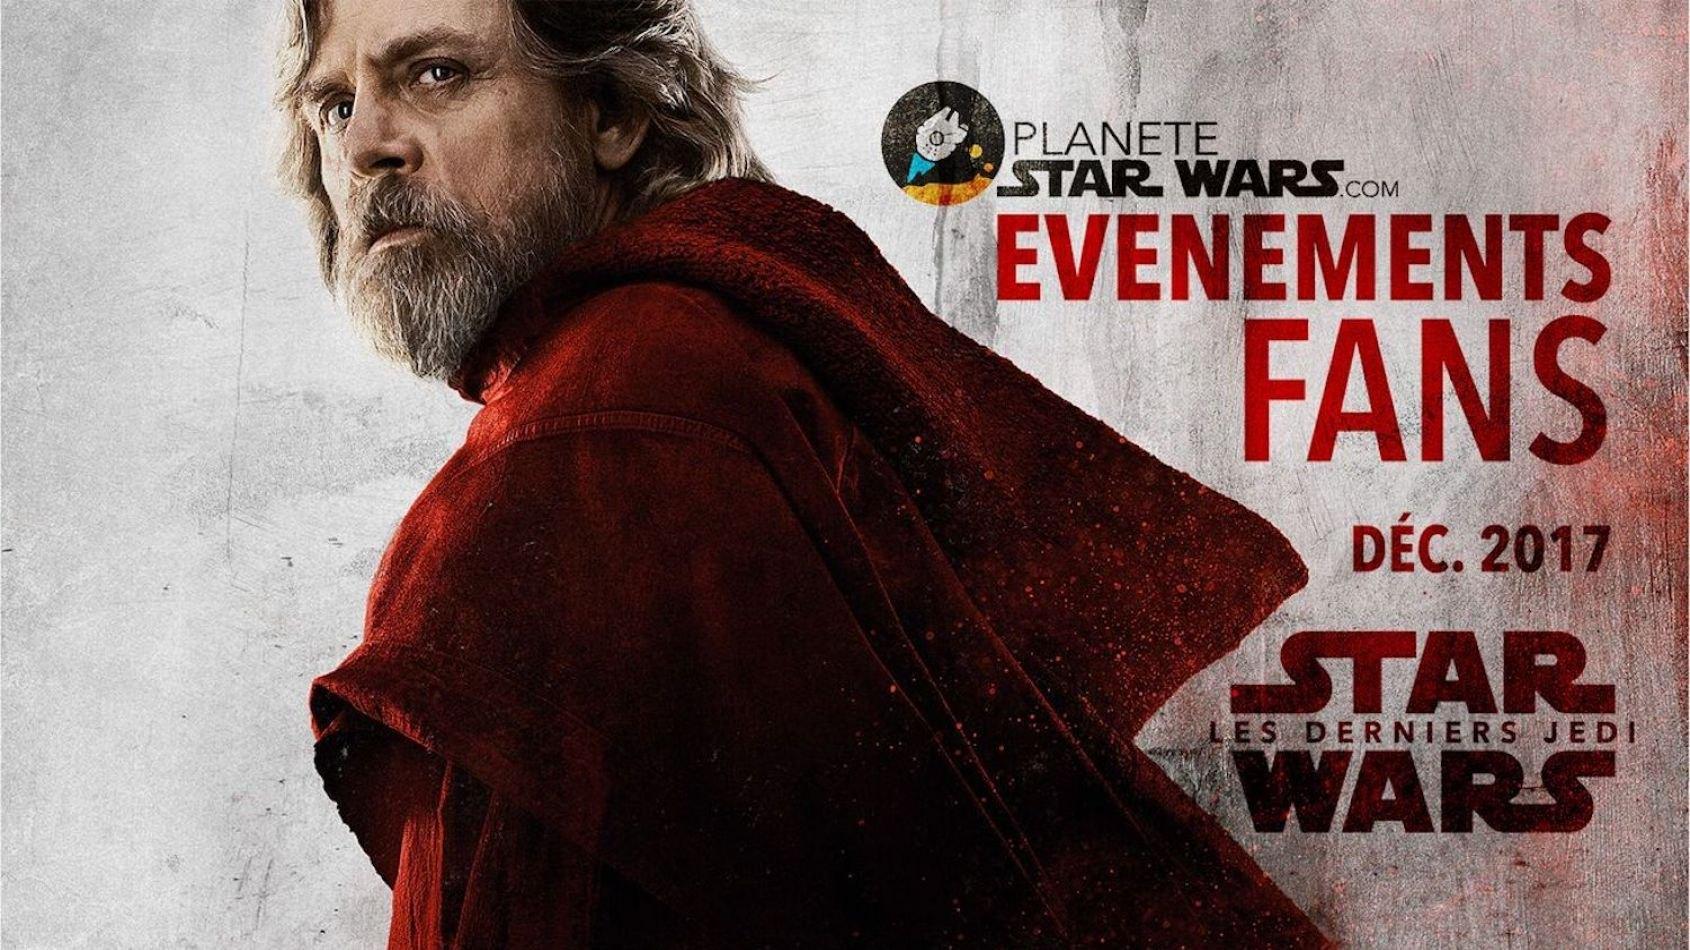 Les Préventes pour les Derniers Jedi ouvrent demain !